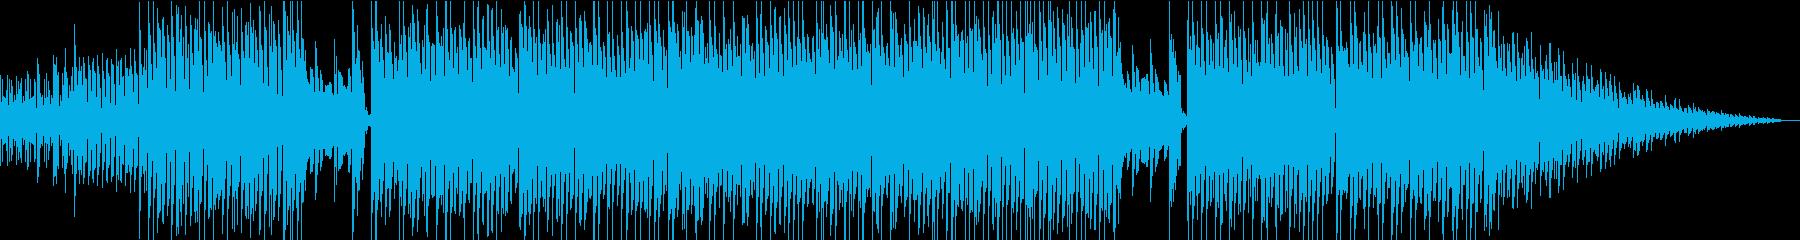 疾走感のあるシンセサイザー/ゲームBGMの再生済みの波形